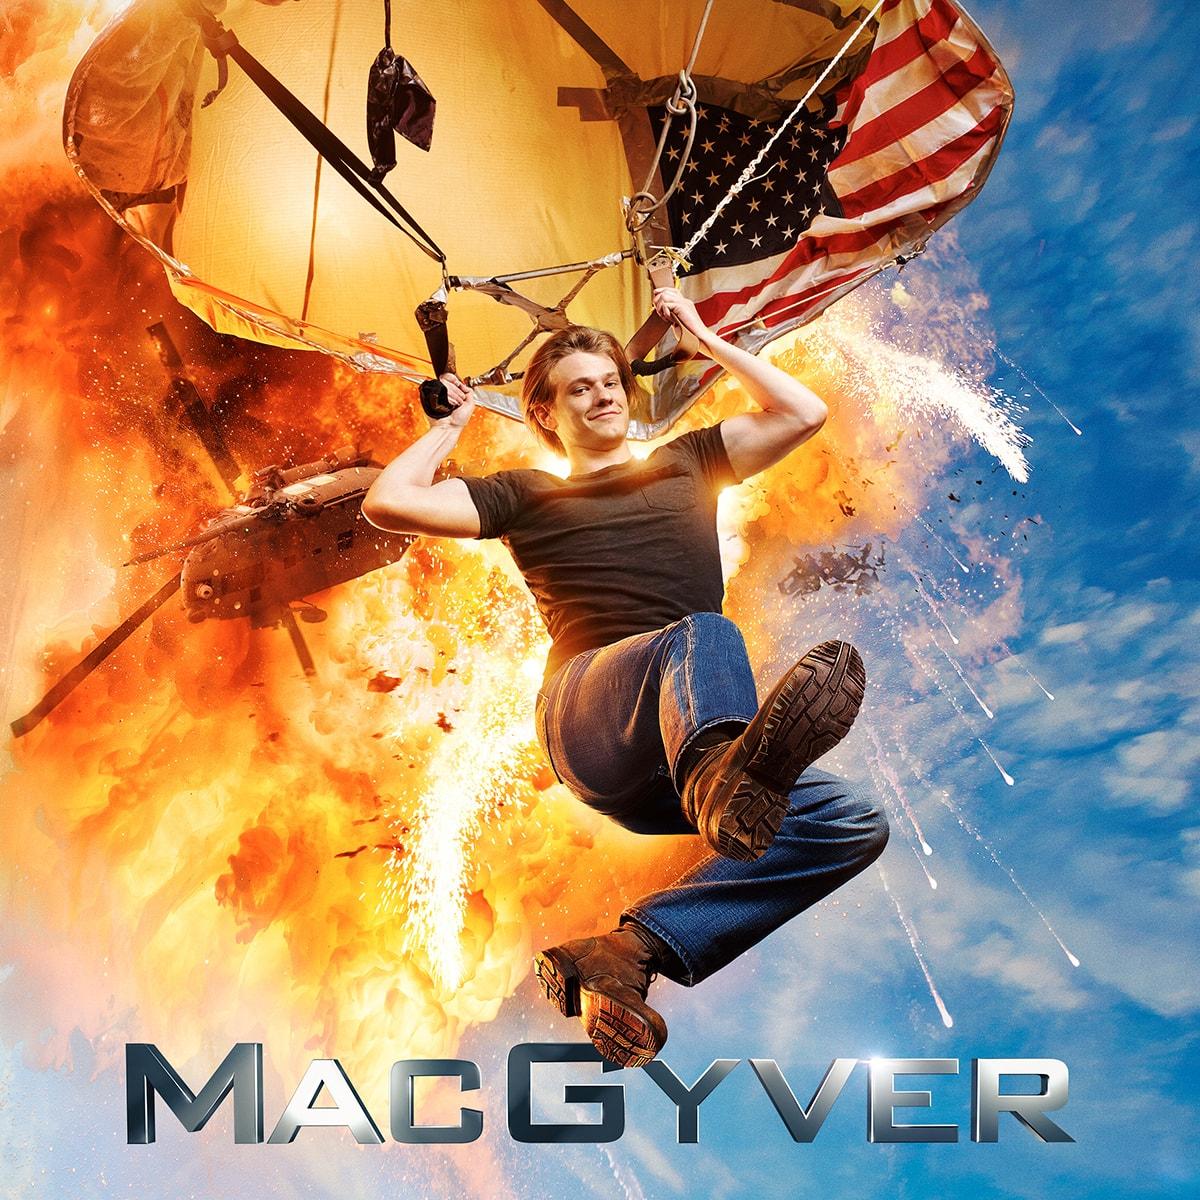 MacGyver CBS Promos - Television Promos